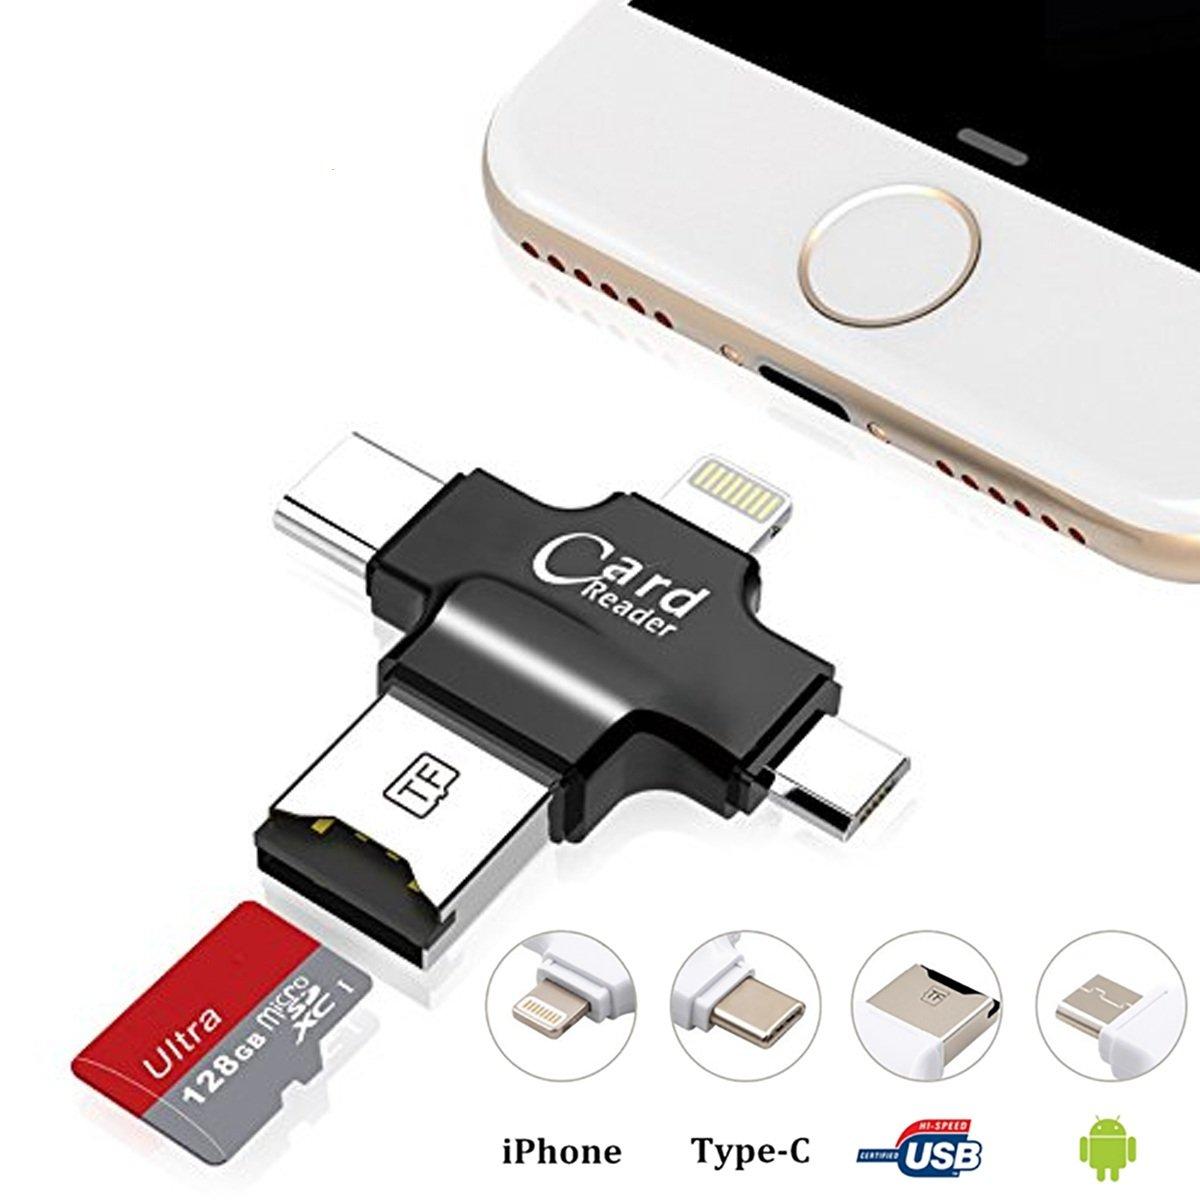 Lector de tarjetas USB, Hizek 4 en 1 Lector de tarjetas de memoria USB 2.0 Multi Funció n Conector USB Soporte TF Tarjetas para iphone / Samsung / Huawei / HTC / Nexus / LG / Sony / Windows(Blanco) HZ- UC-W